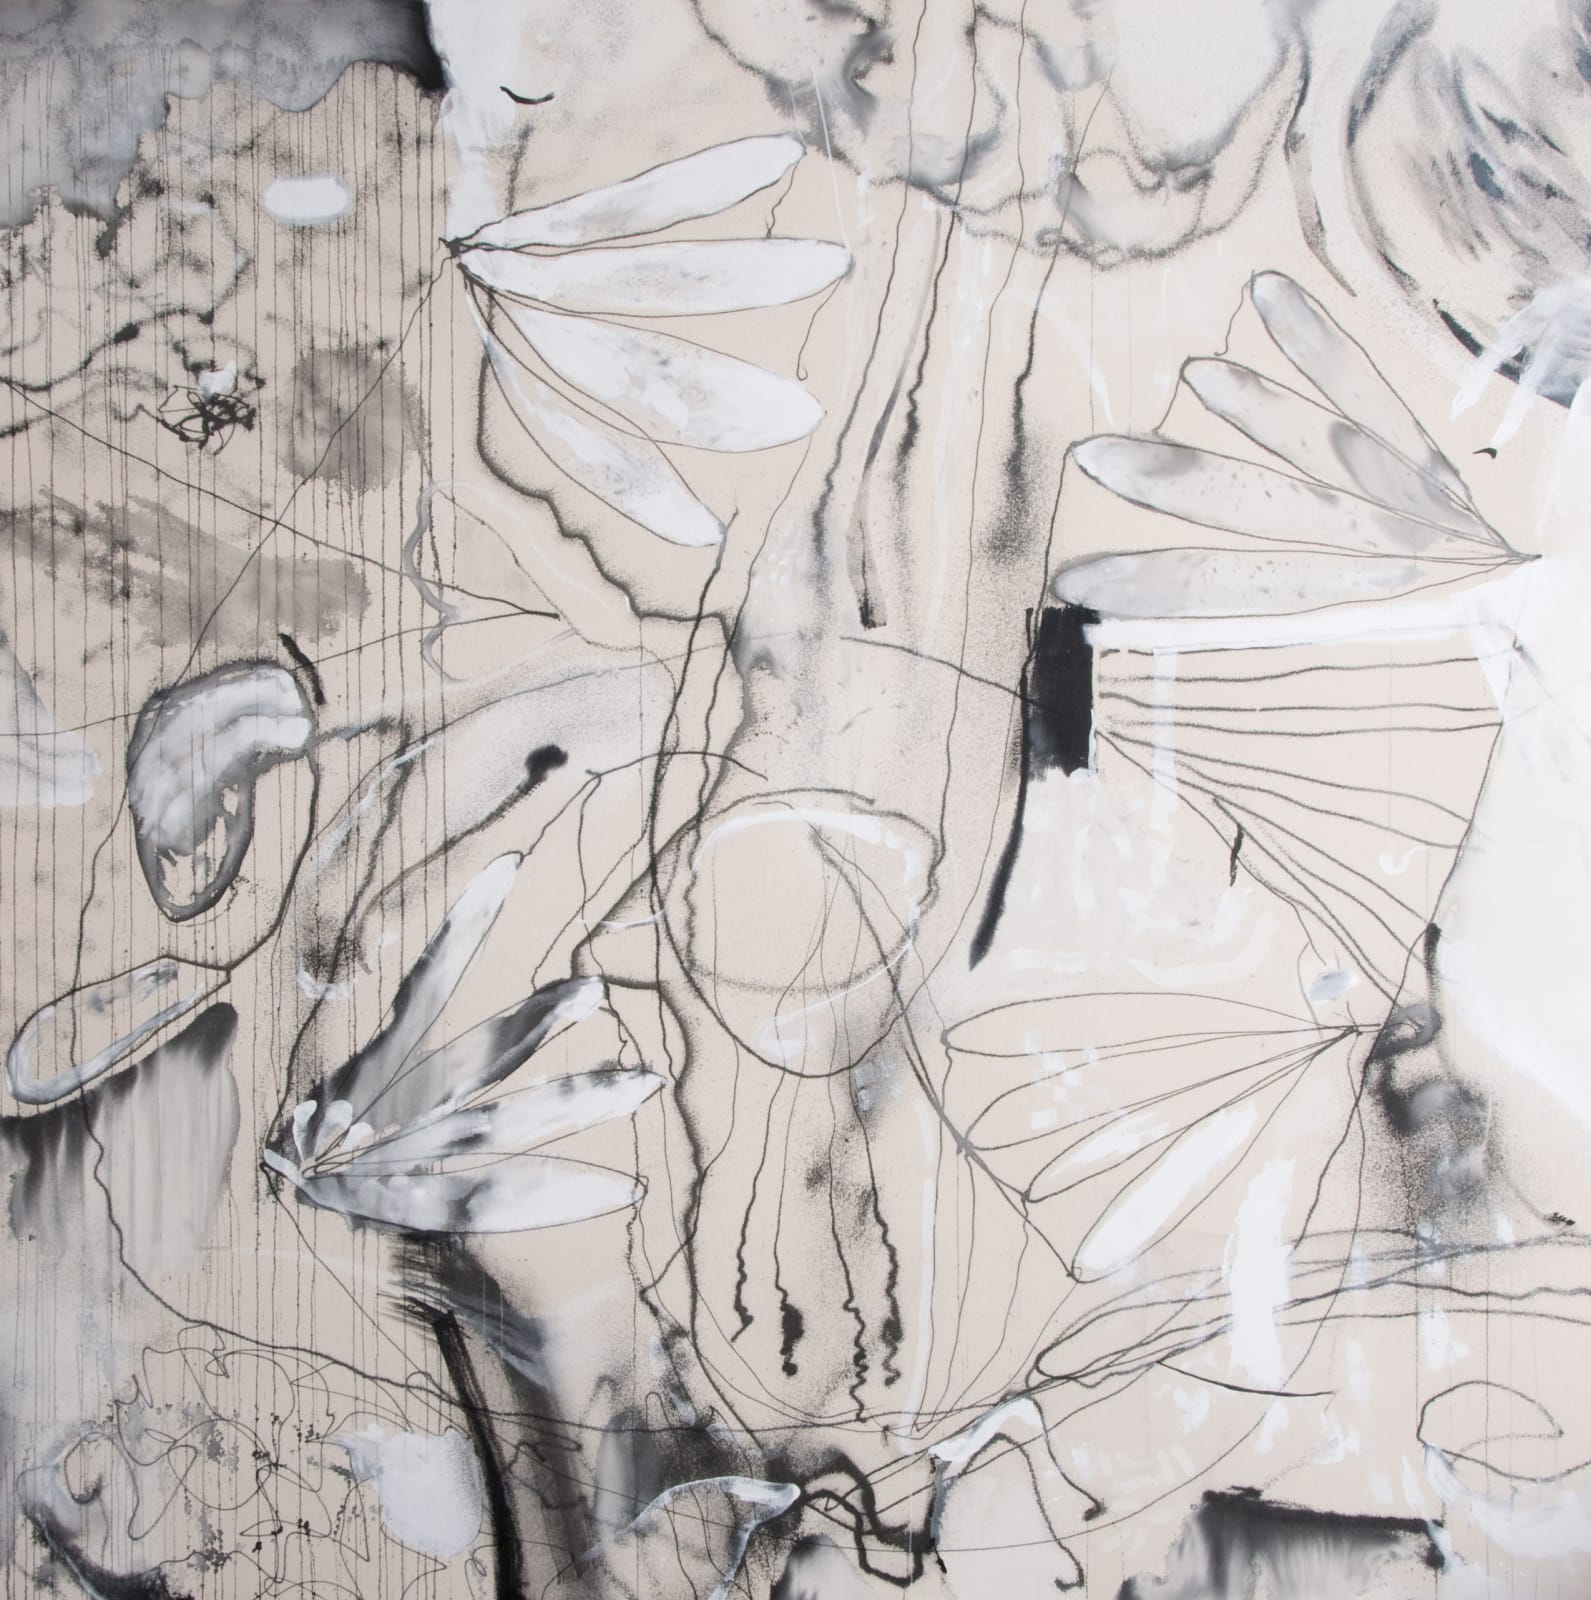 Ari Lankin, Instinct, 2015